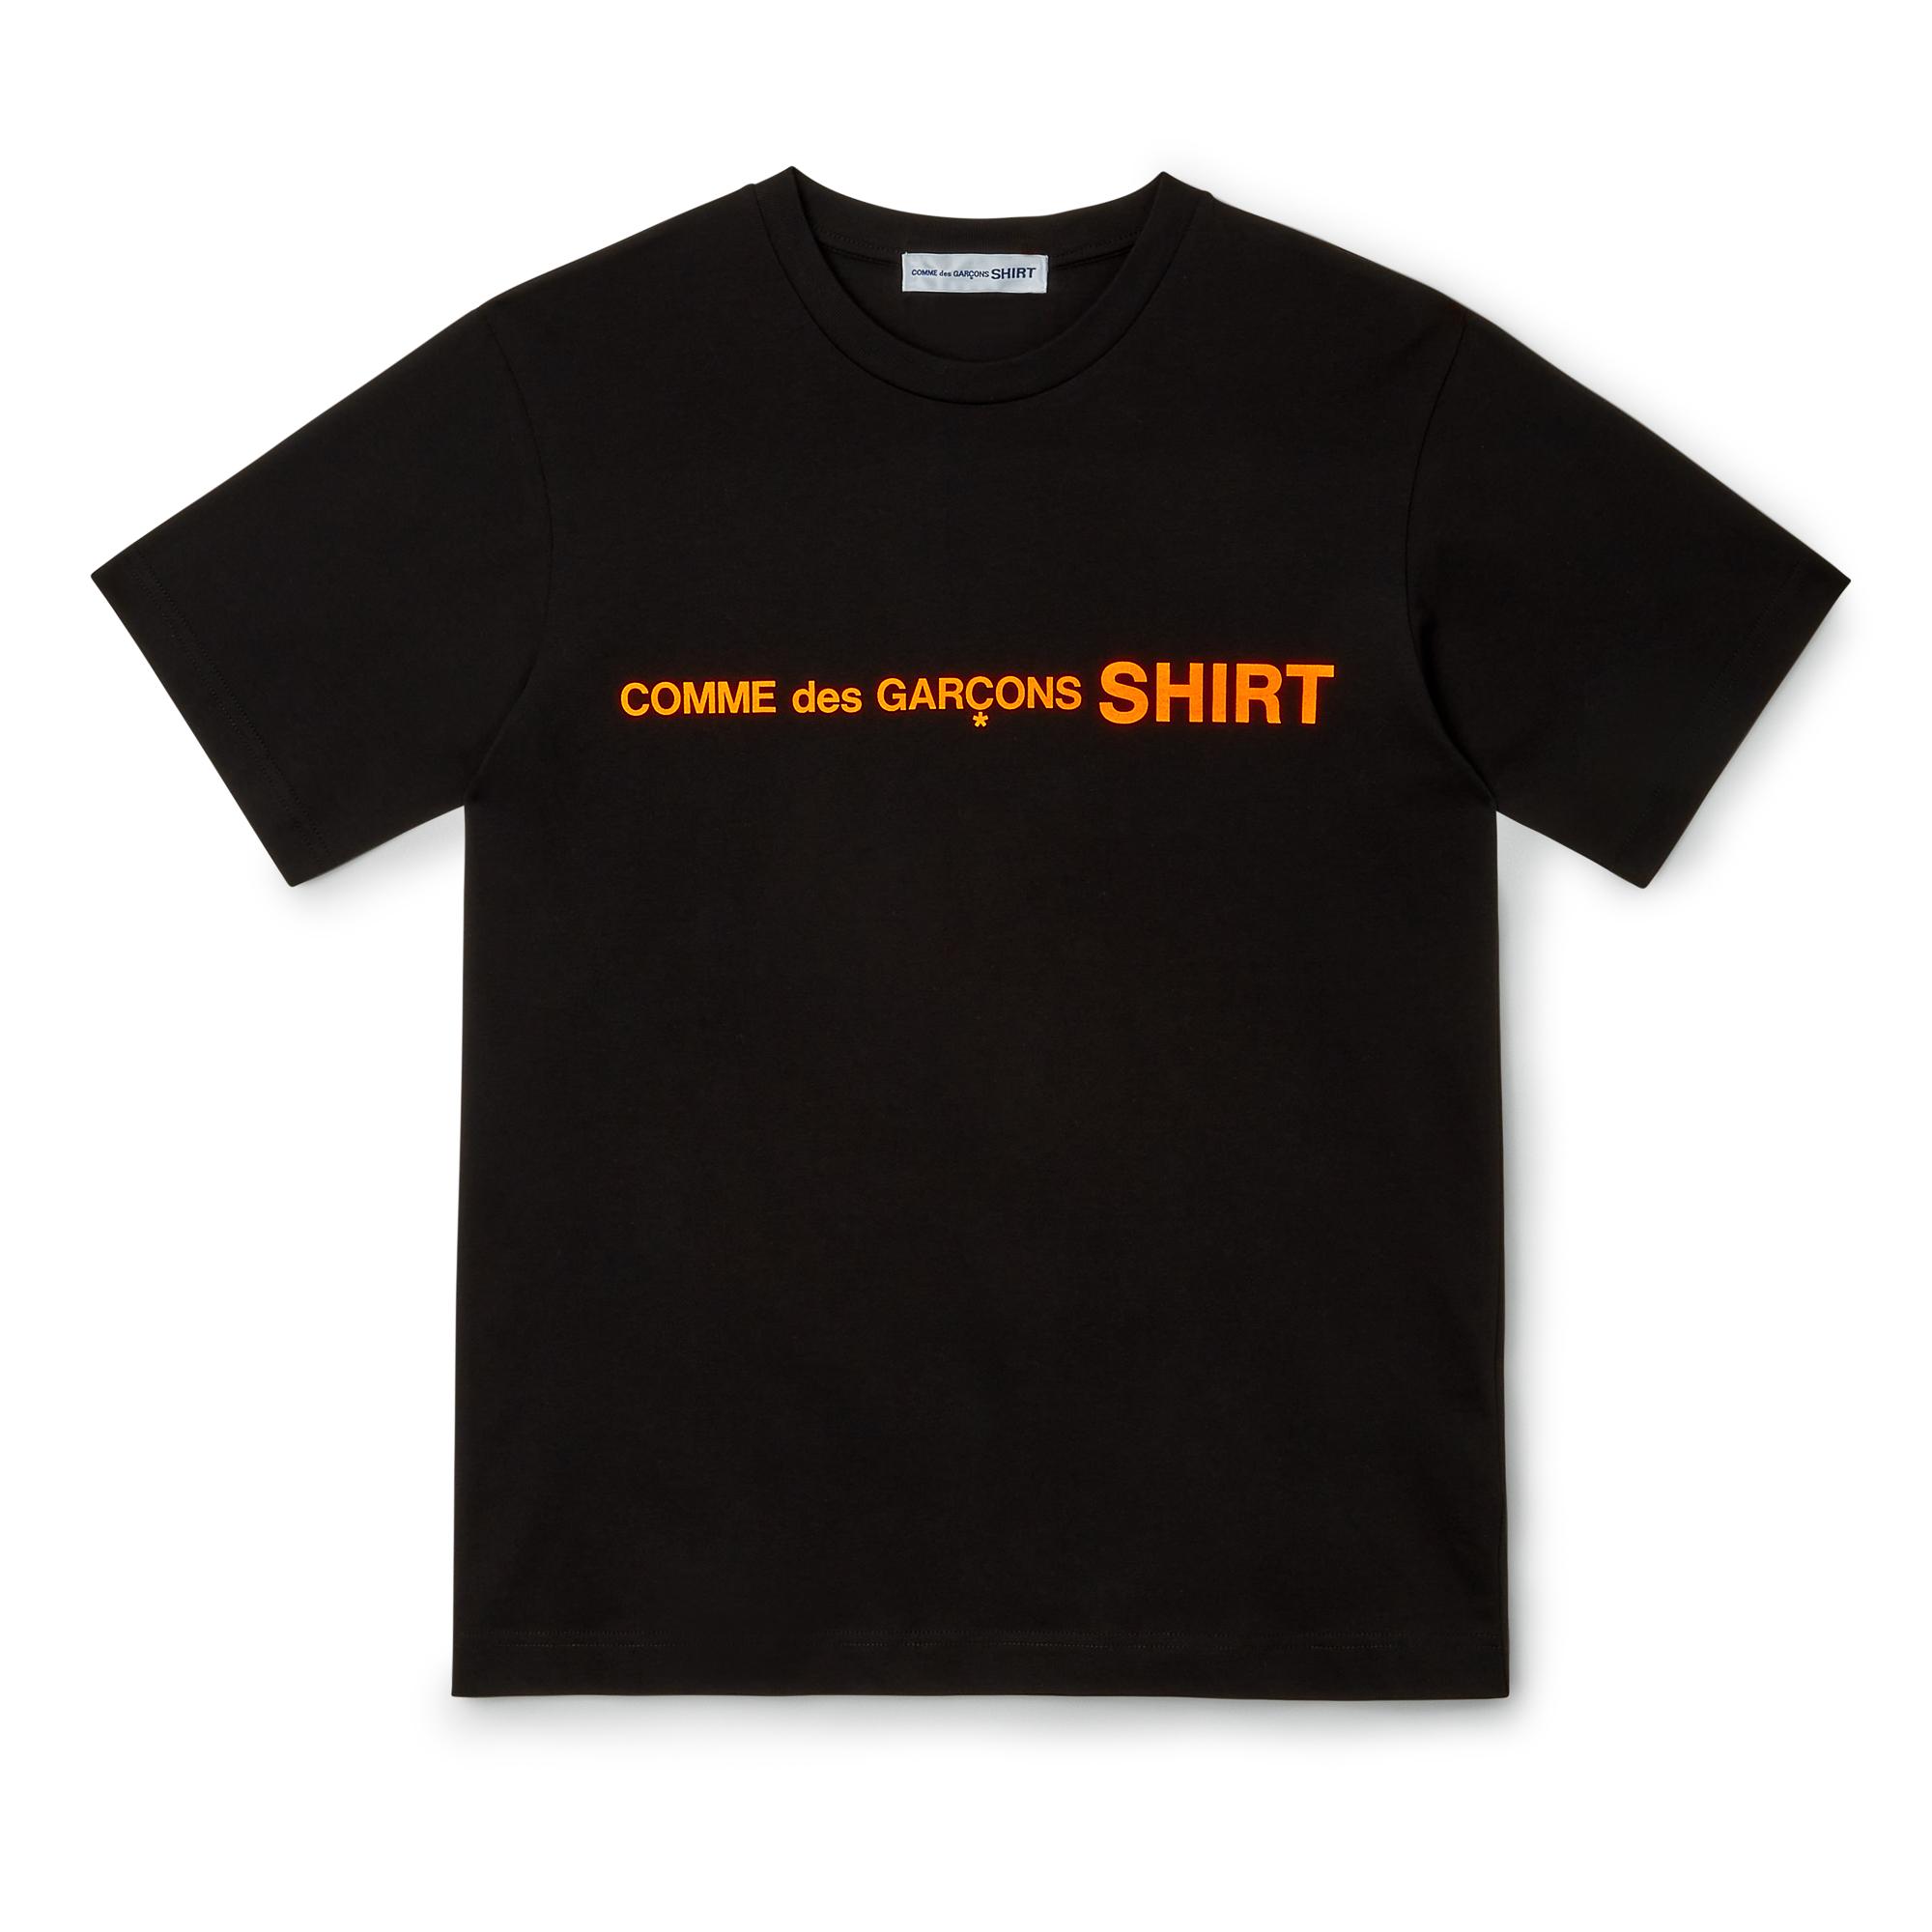 CDG SHIRT - shot 4